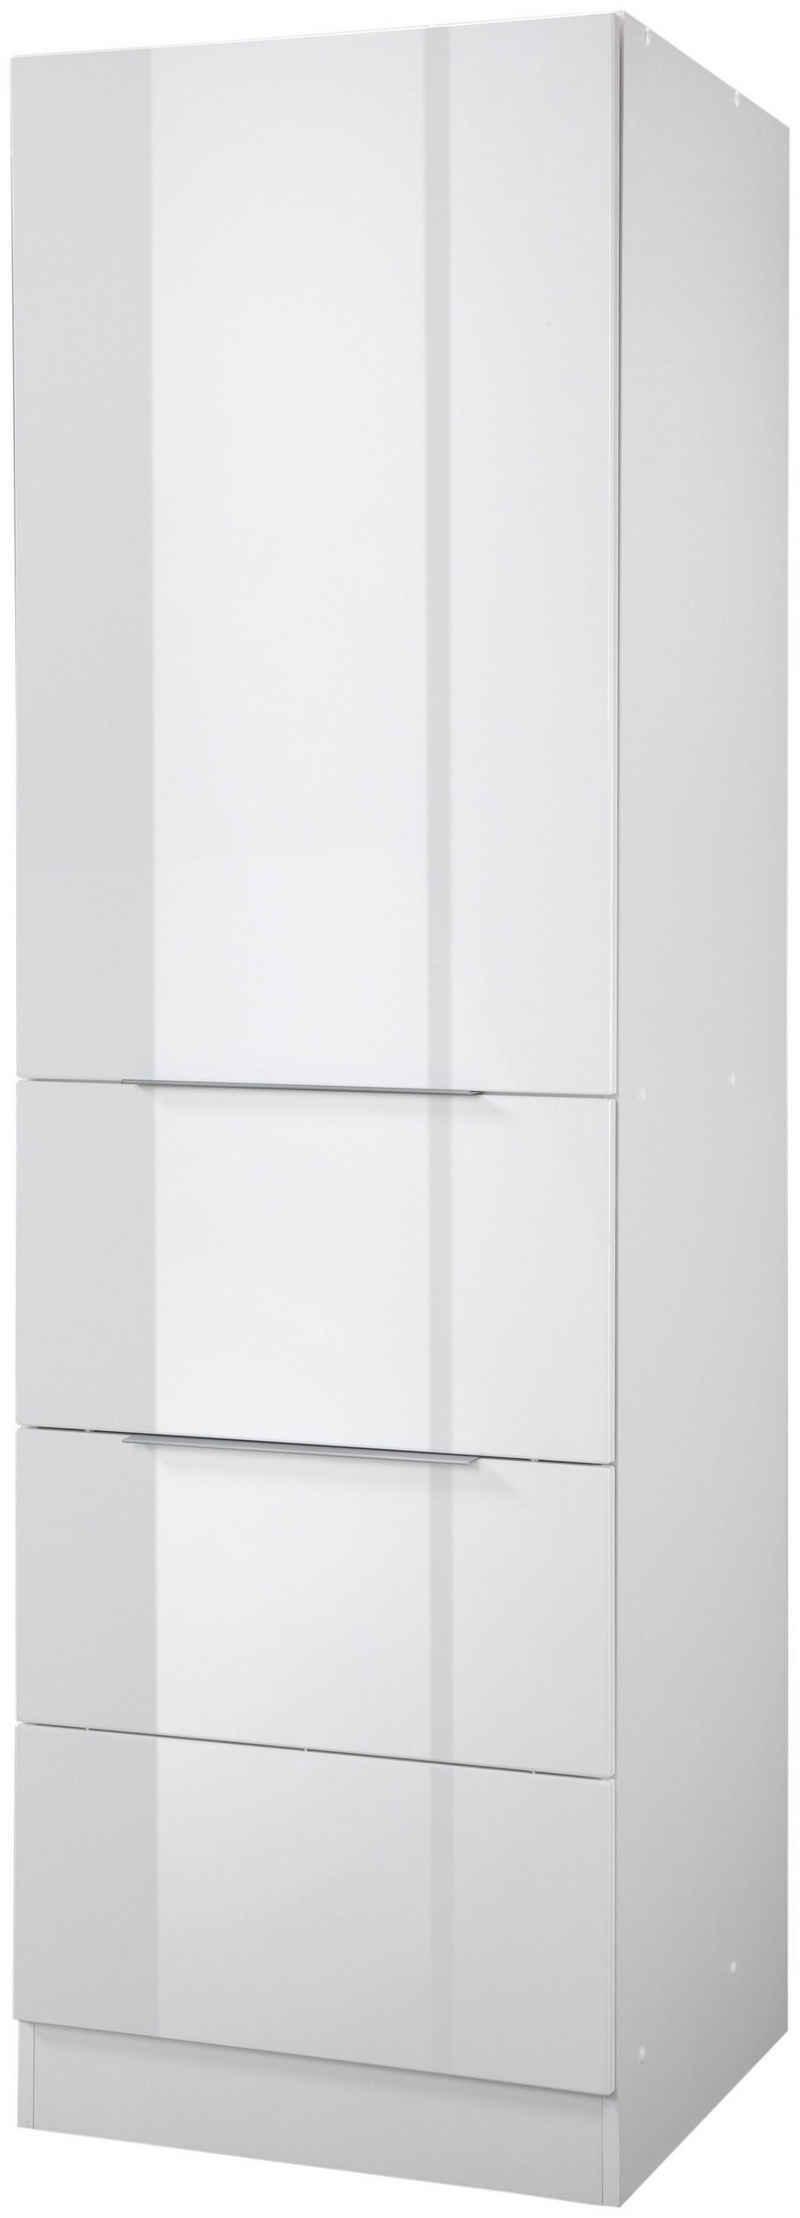 HELD MÖBEL Seitenschrank »Brindisi« 60 cm breit, 200 cm hoch, viel Stauraum